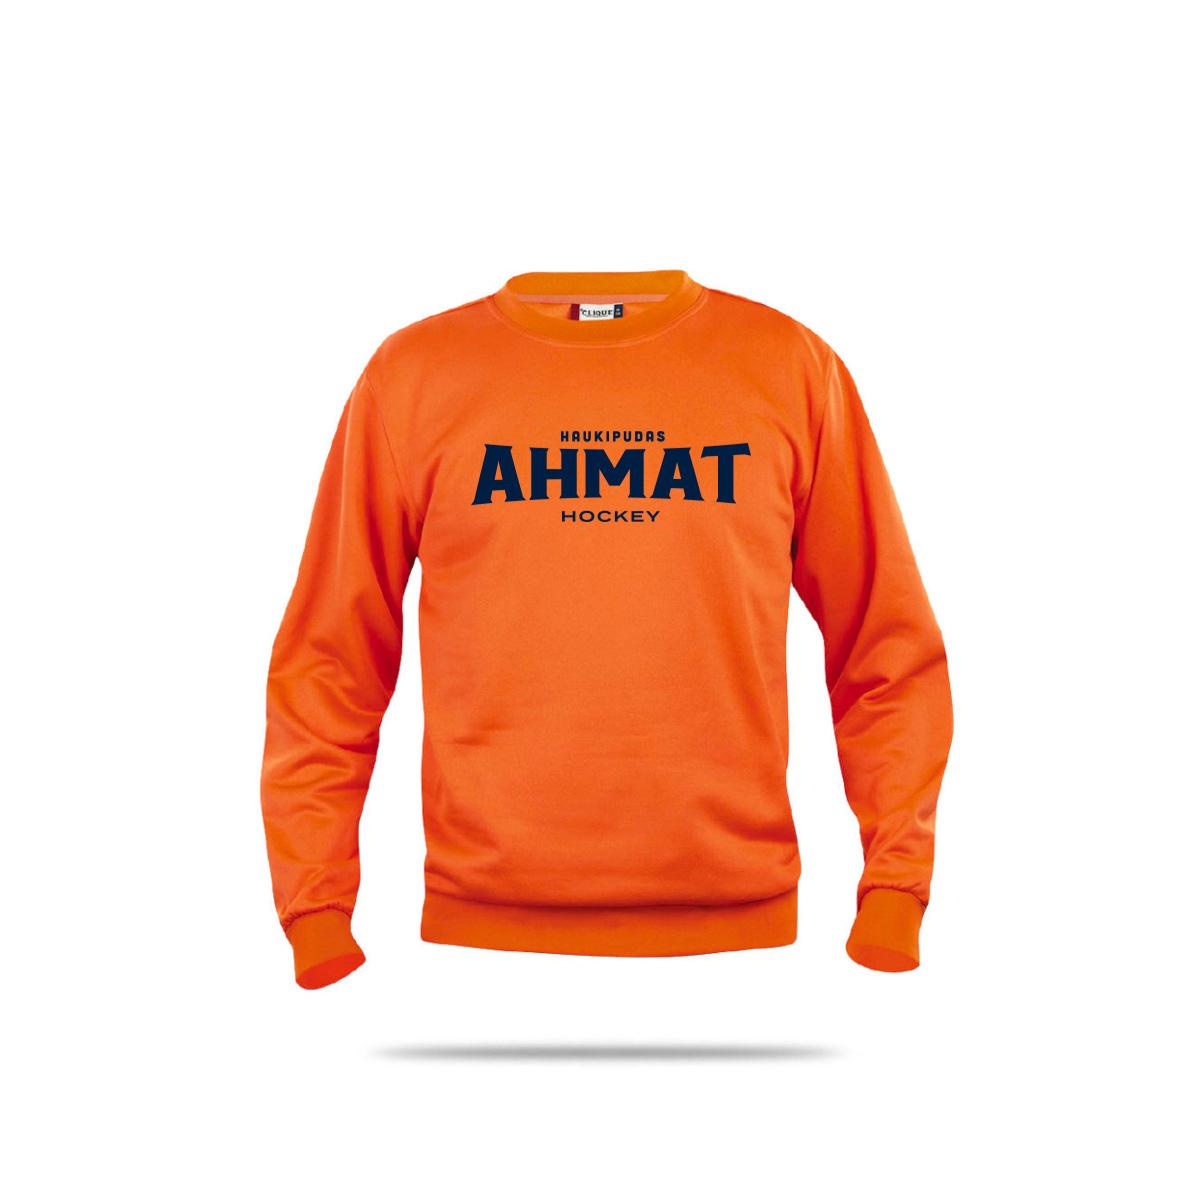 Ahmat-fani-3027-oranssi-text